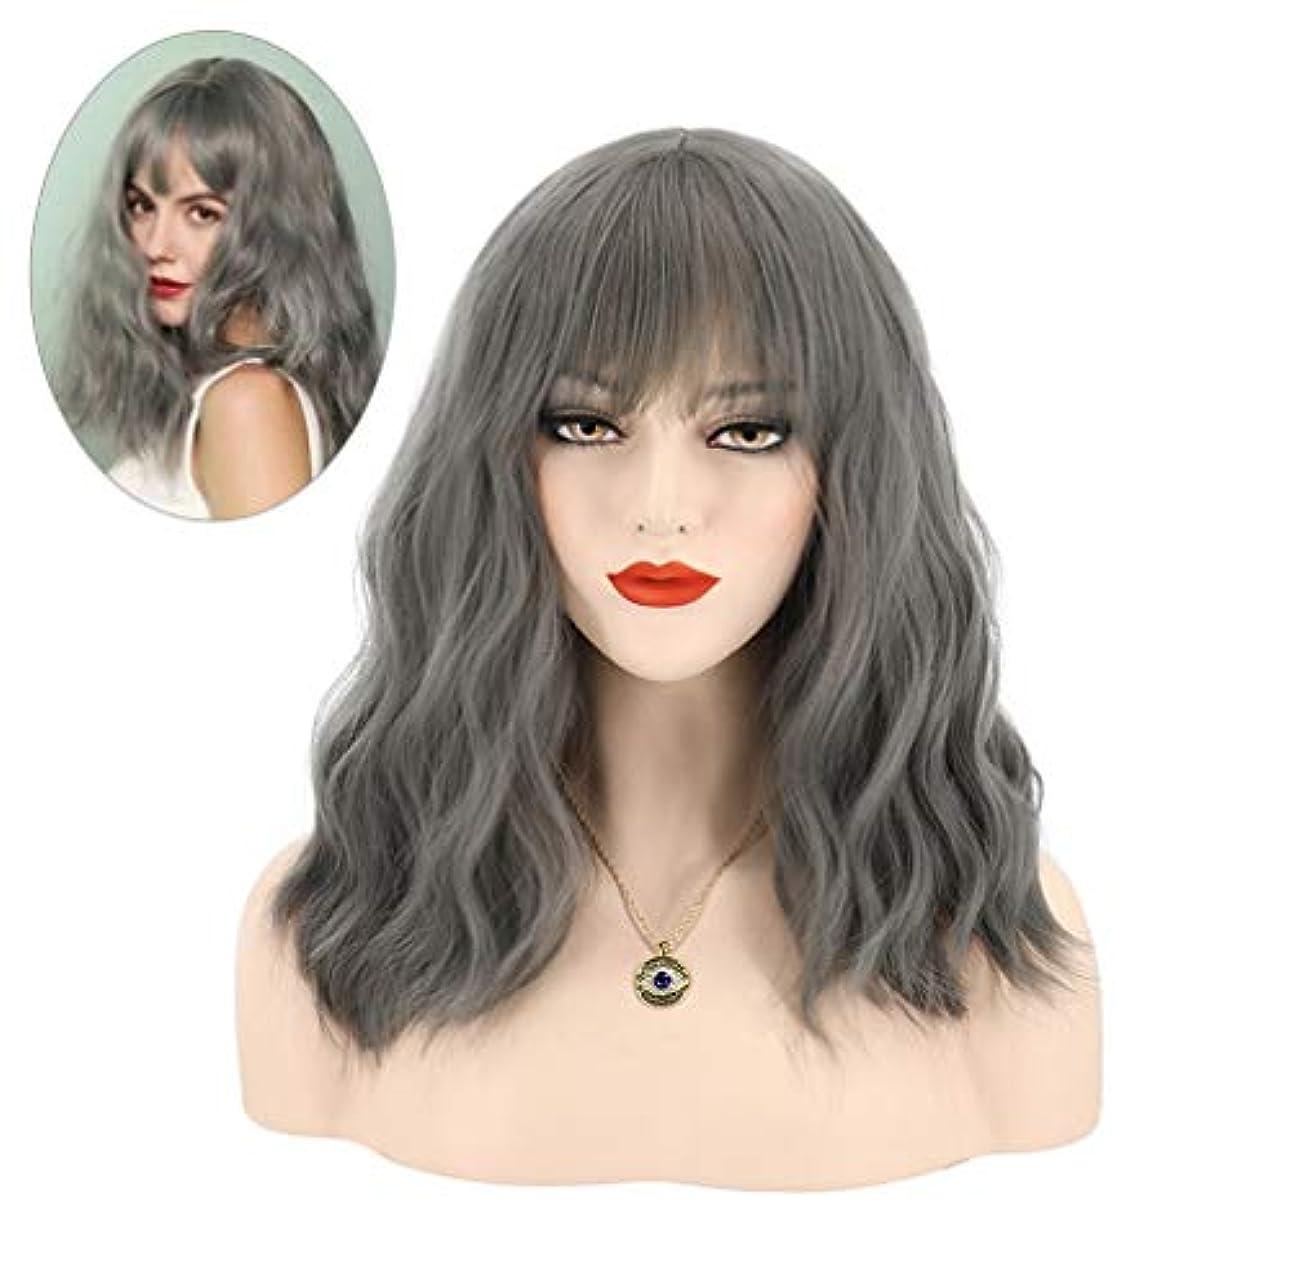 イディオムカウンターパート本部女性かつらカール耐熱合成繊維水波かつらベビーヘアウィッグ150%密度グレー45センチ